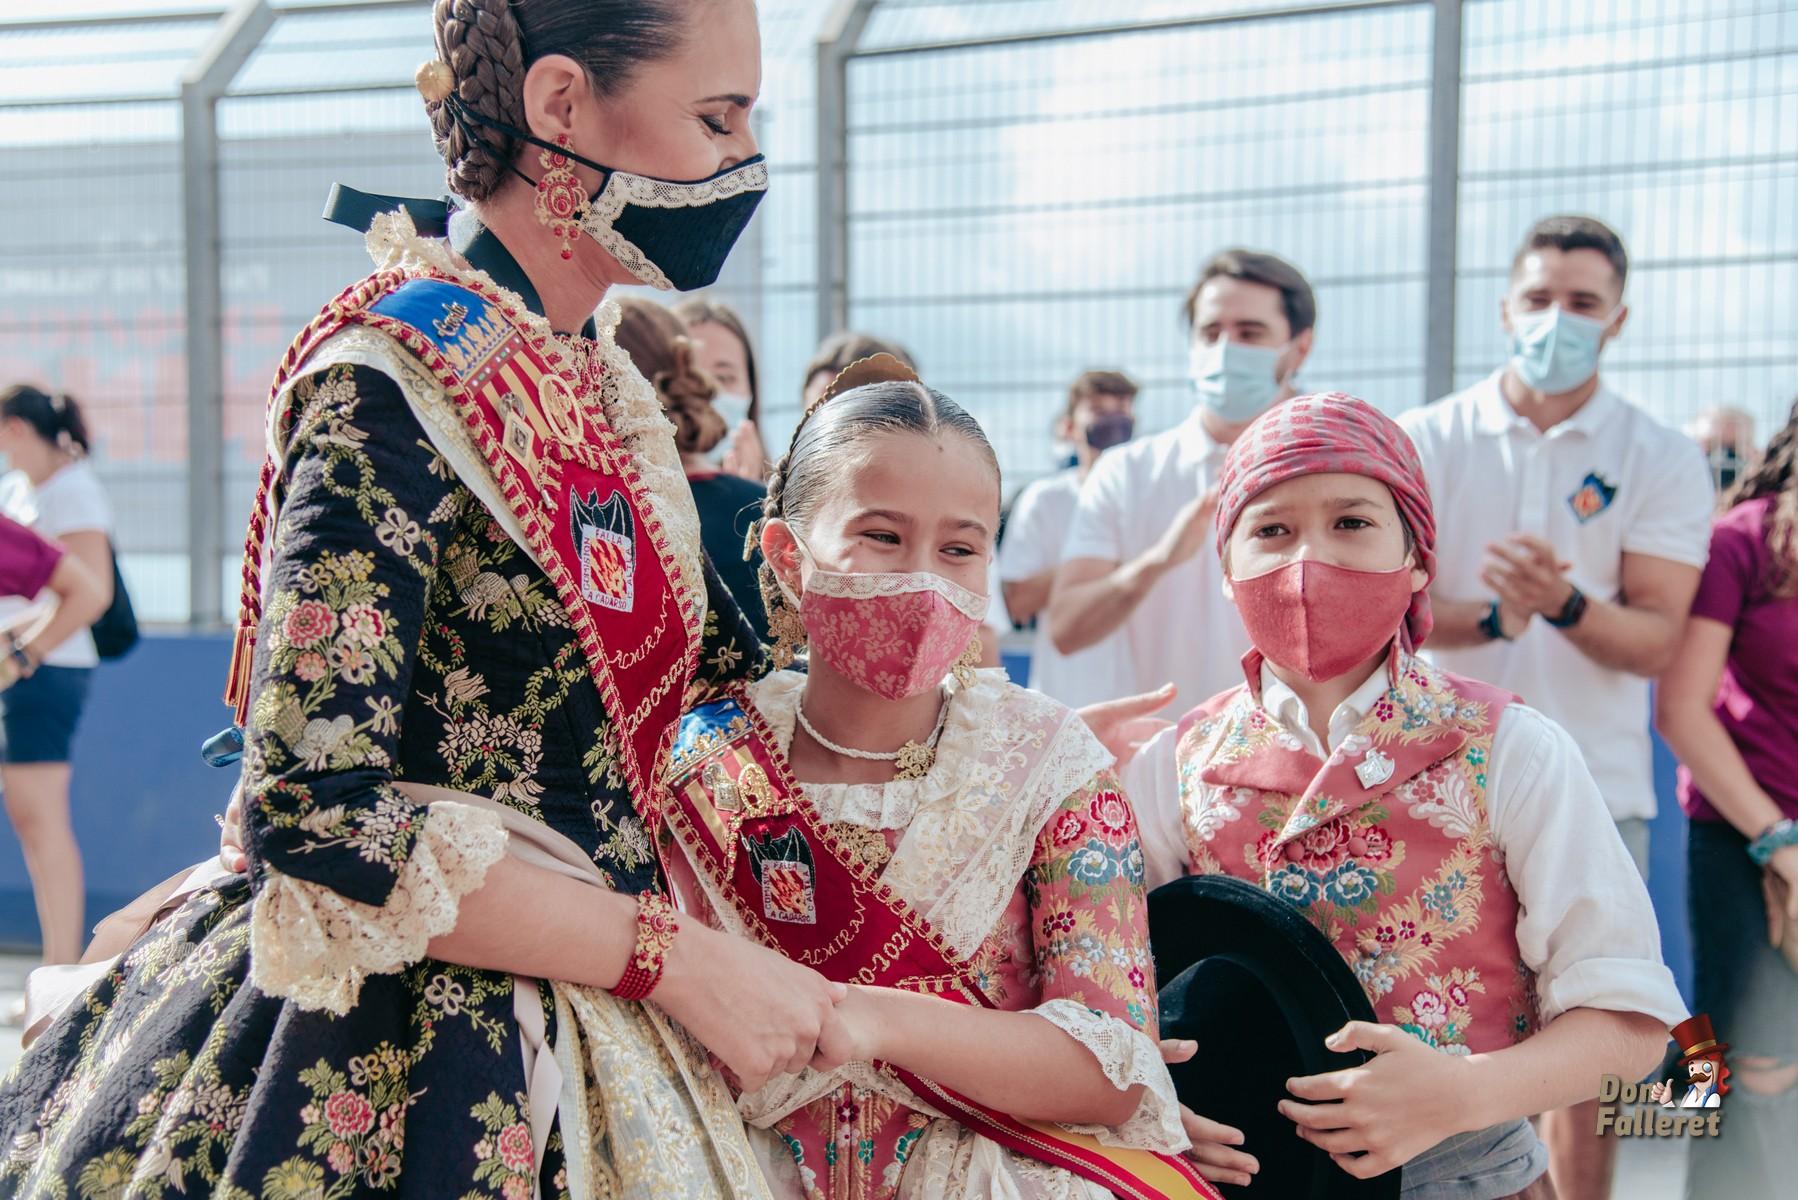 La alegría de Carla, Aisha y Nico  Foto: Fran Adlert